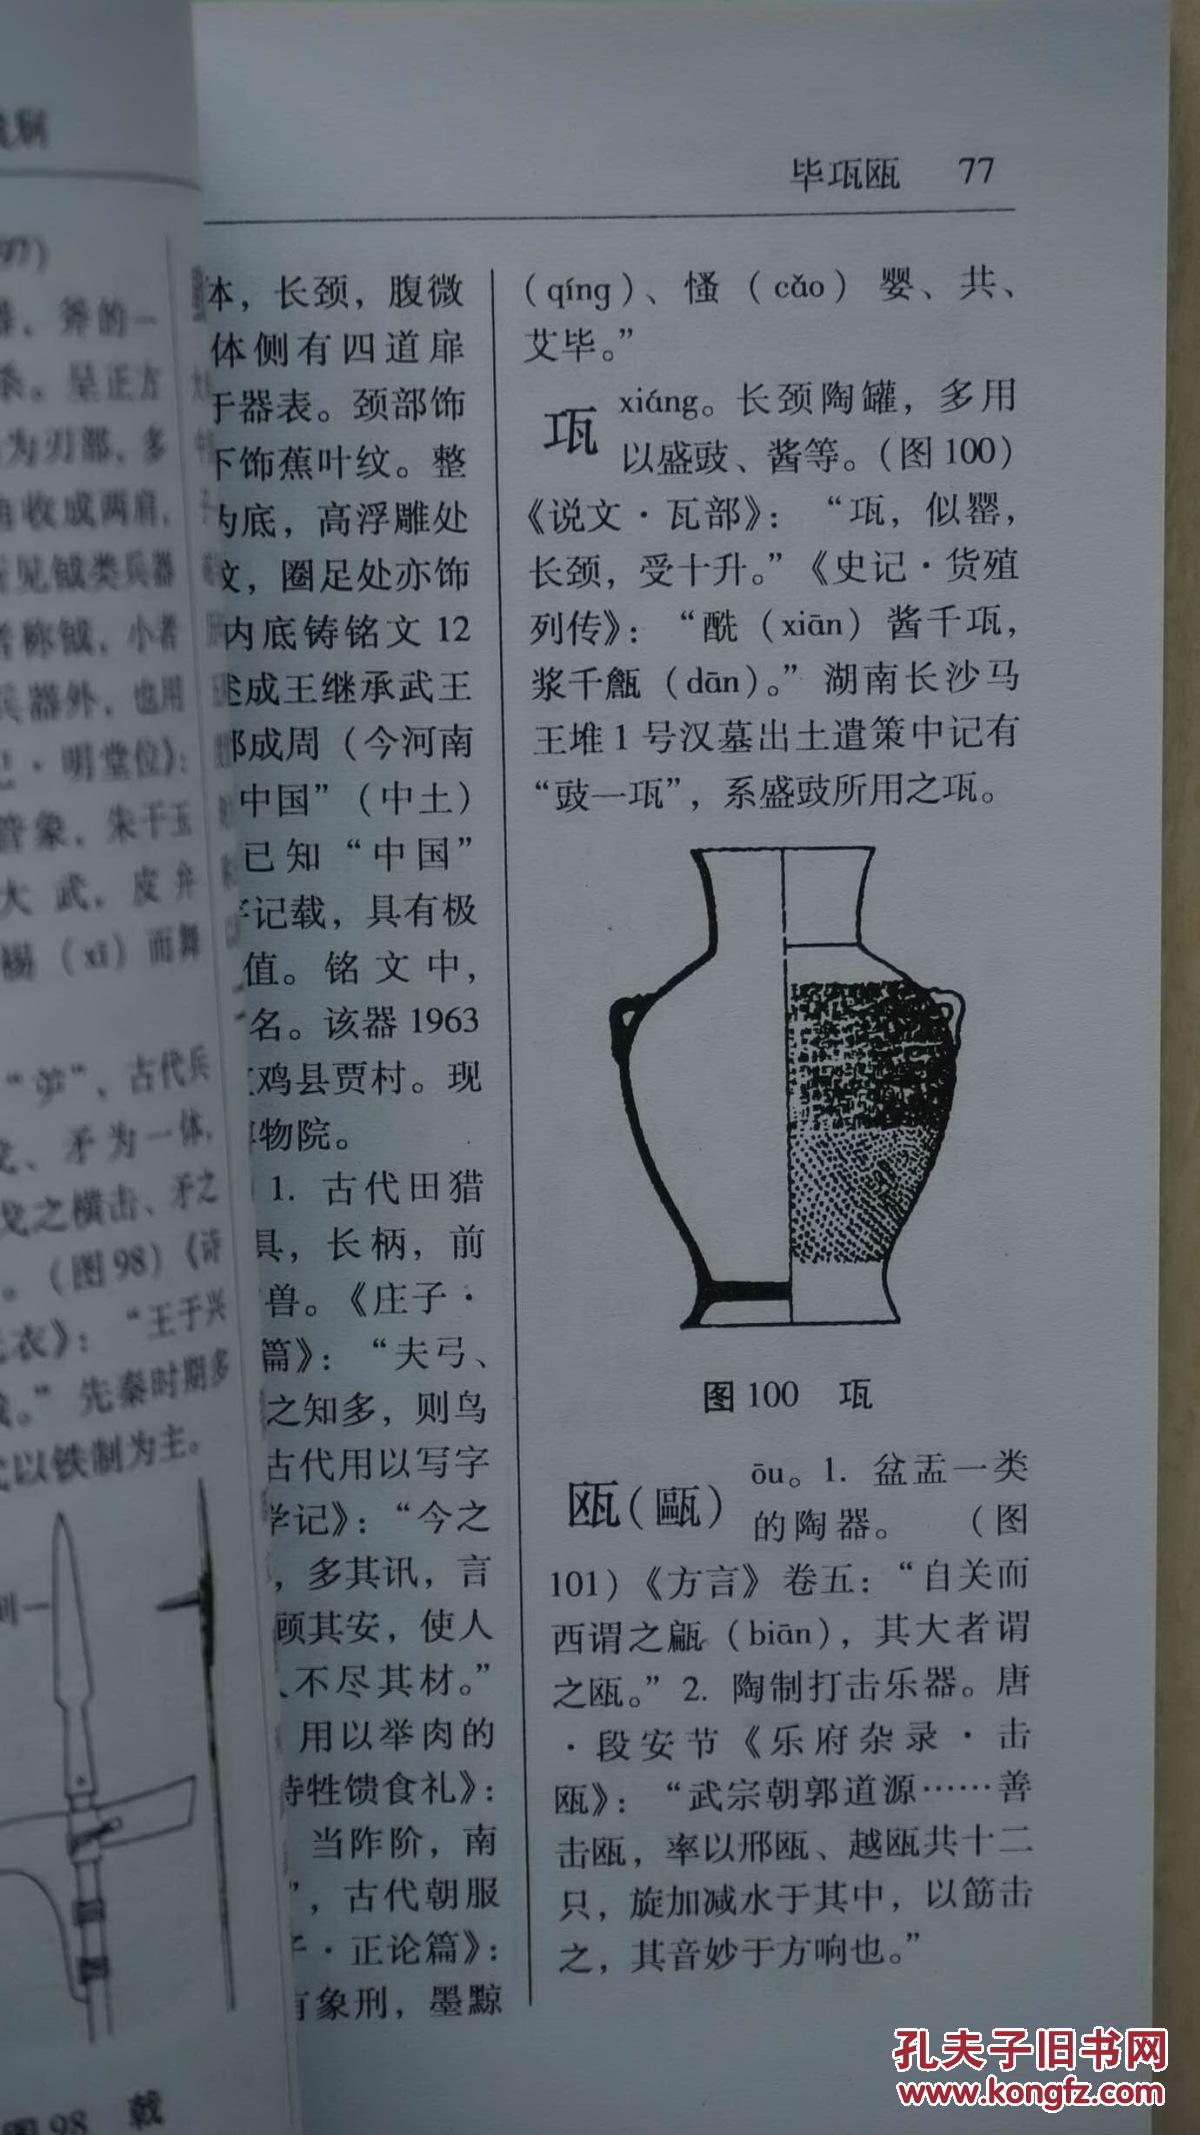 古玩古董收藏必備工具書《常見文物生僻字小字典》(稀缺本)圖片